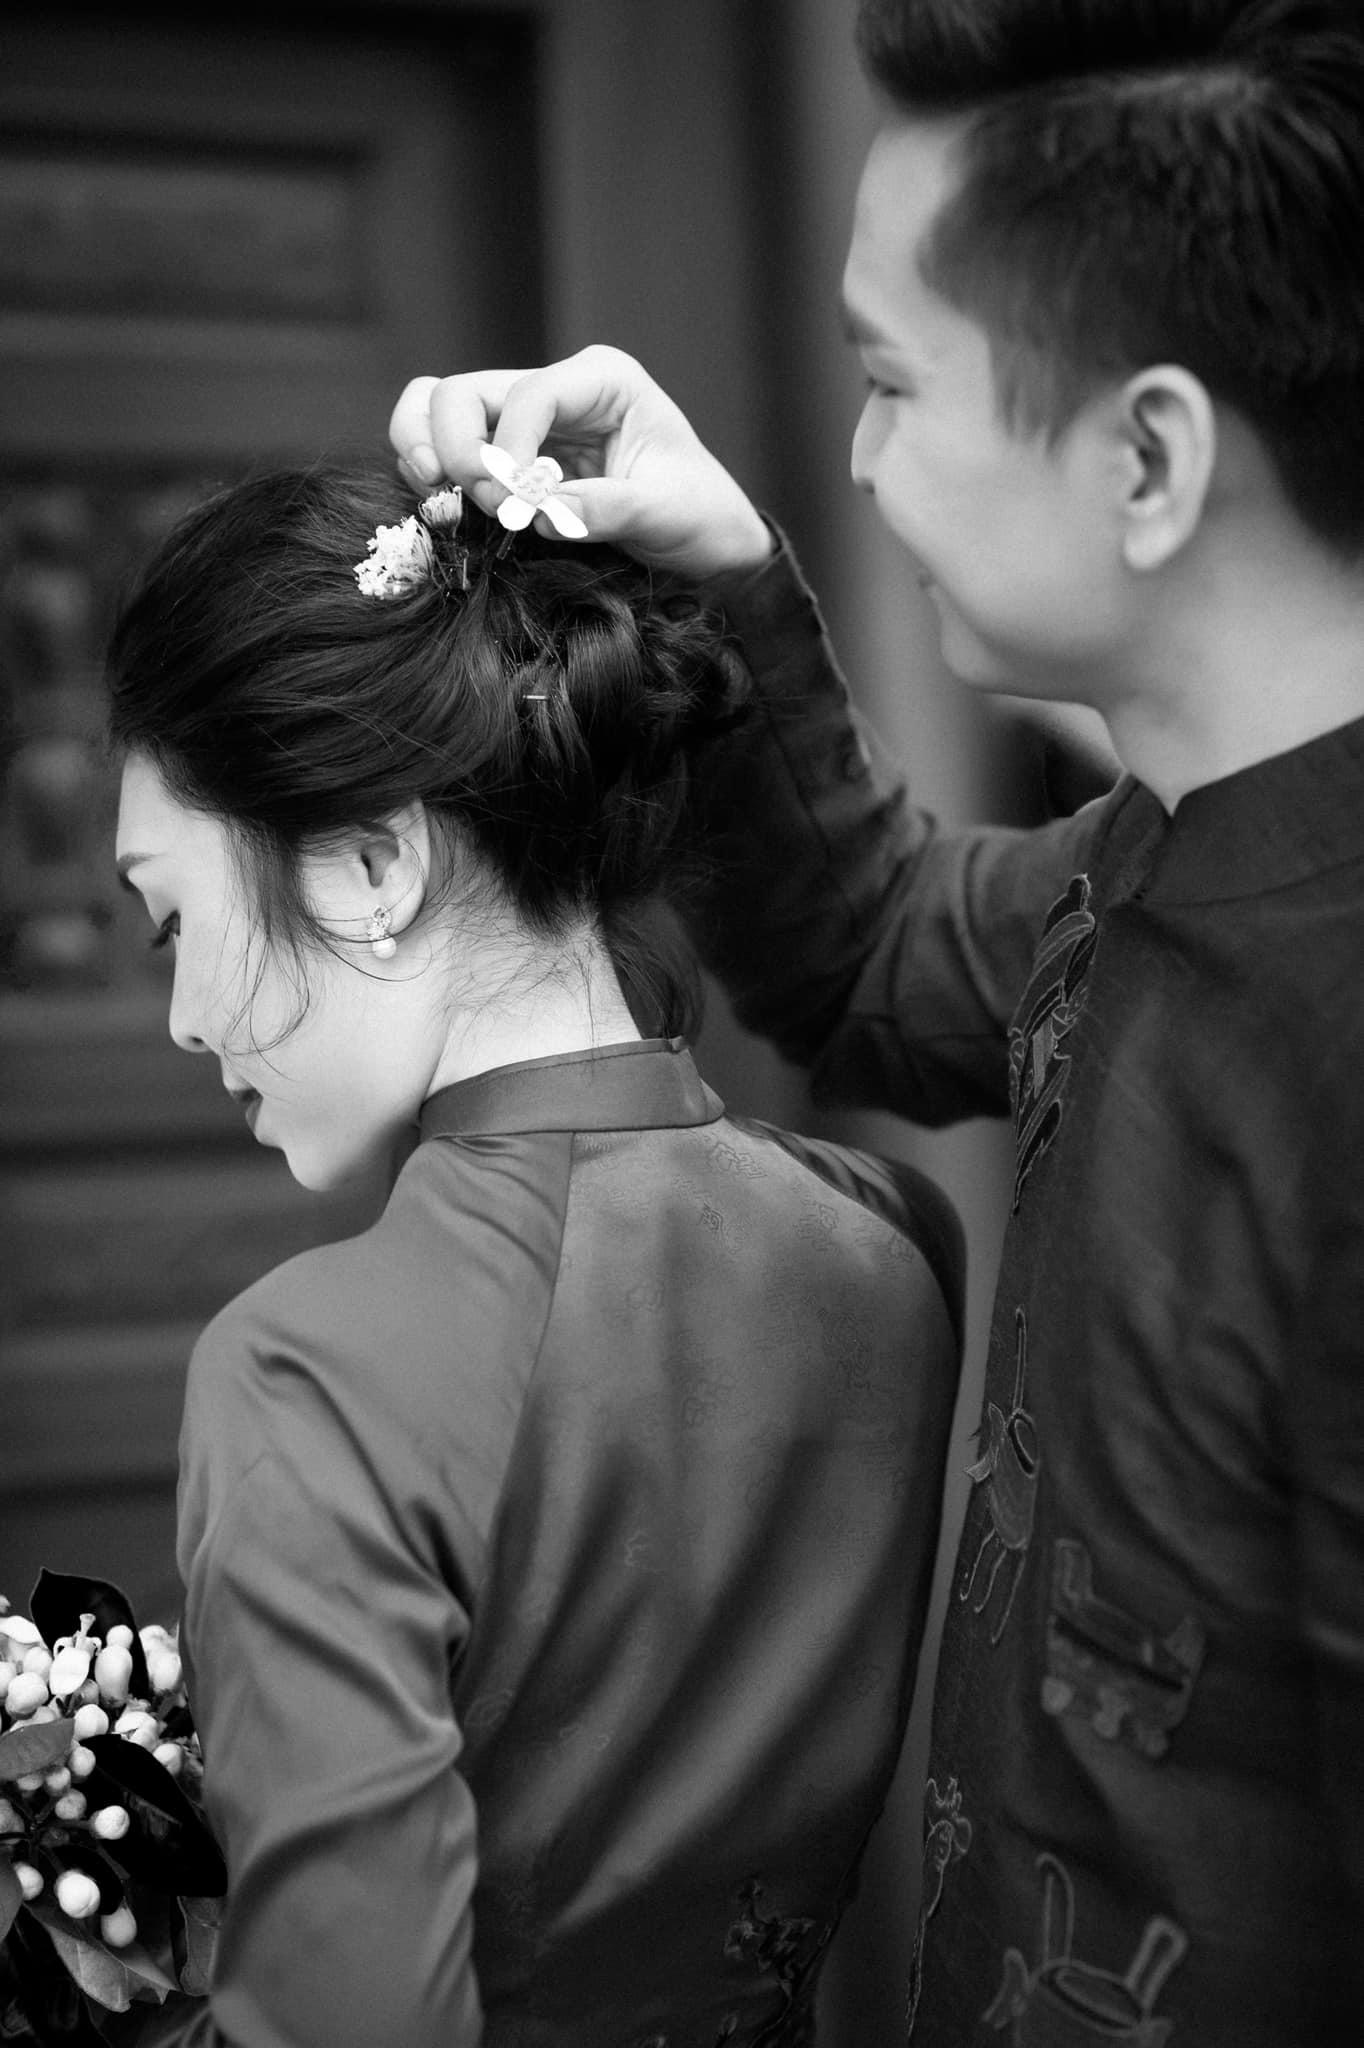 mc hanh phuc 7 MC Hạnh Phúc lần đầu đăng ảnh cưới sau hơn 1 năm kết hôn